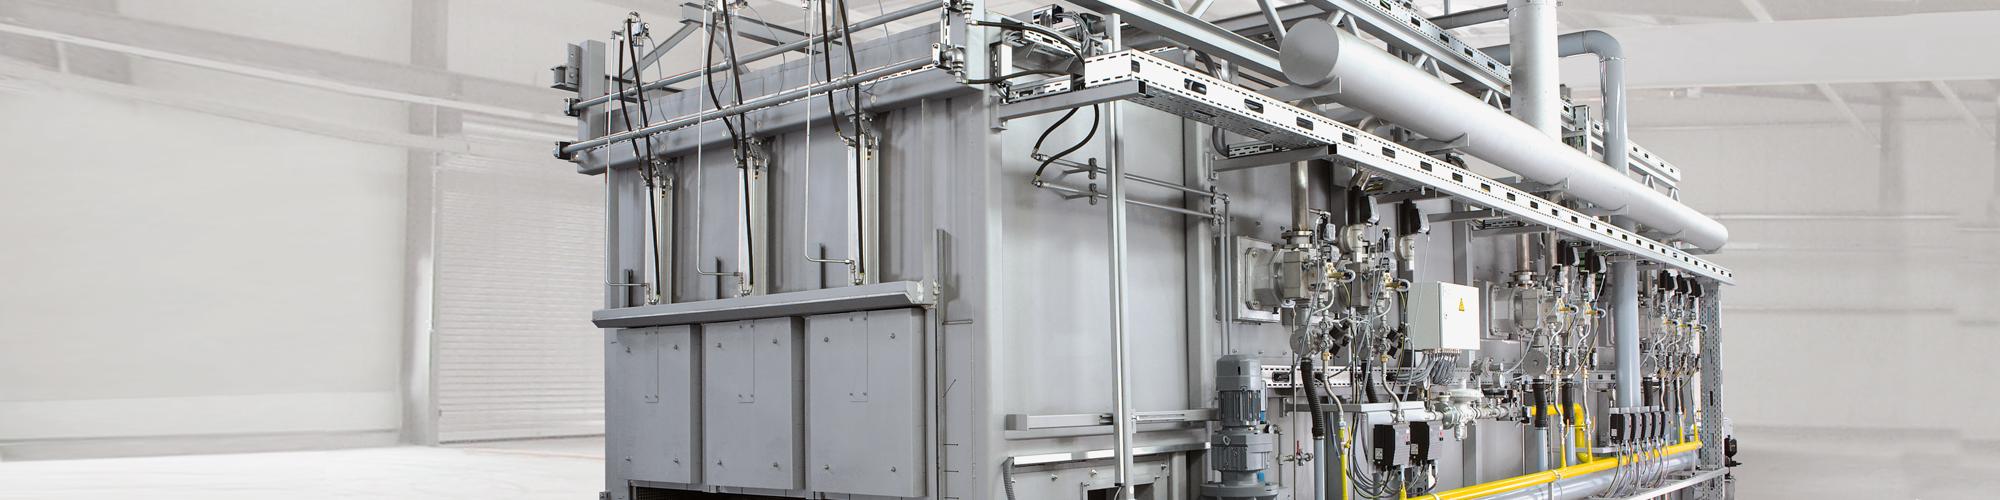 Wärmebehandlungsanlagen Aluminium